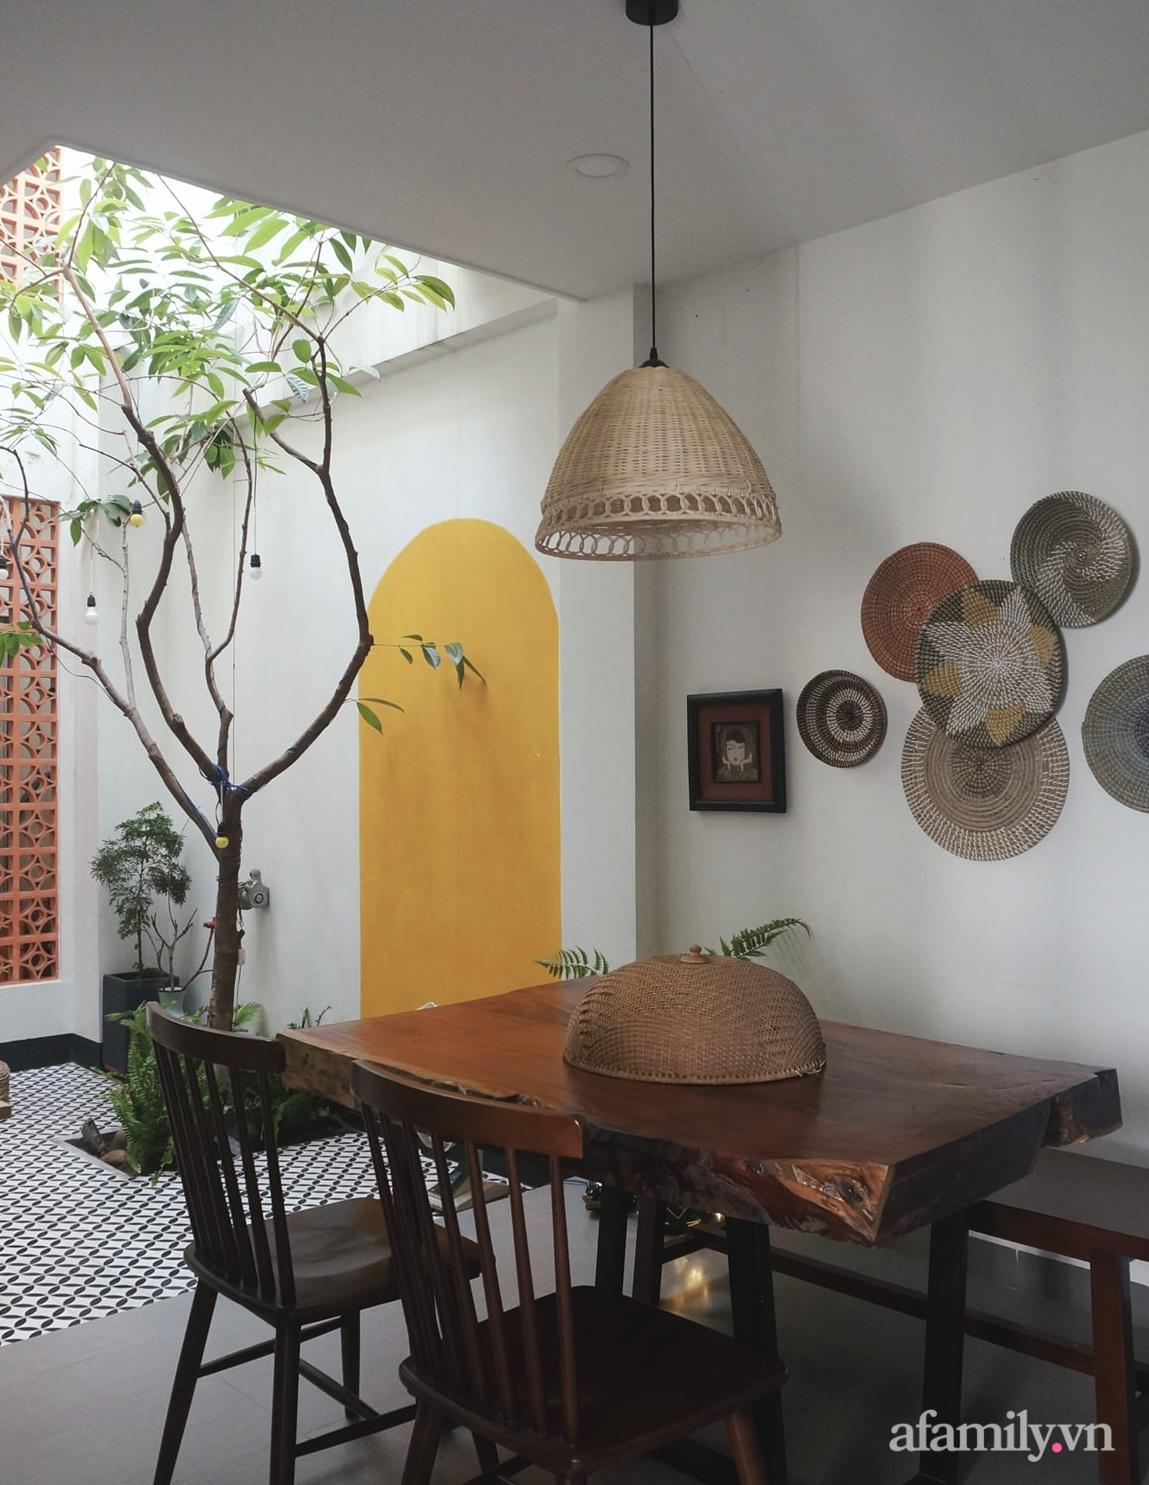 Nhà phố góc nào cũng chill nhờ phương châm cùng nhau tự trang trí của cặp vợ chồng trẻ ở Đà Nẵng - Ảnh 4.